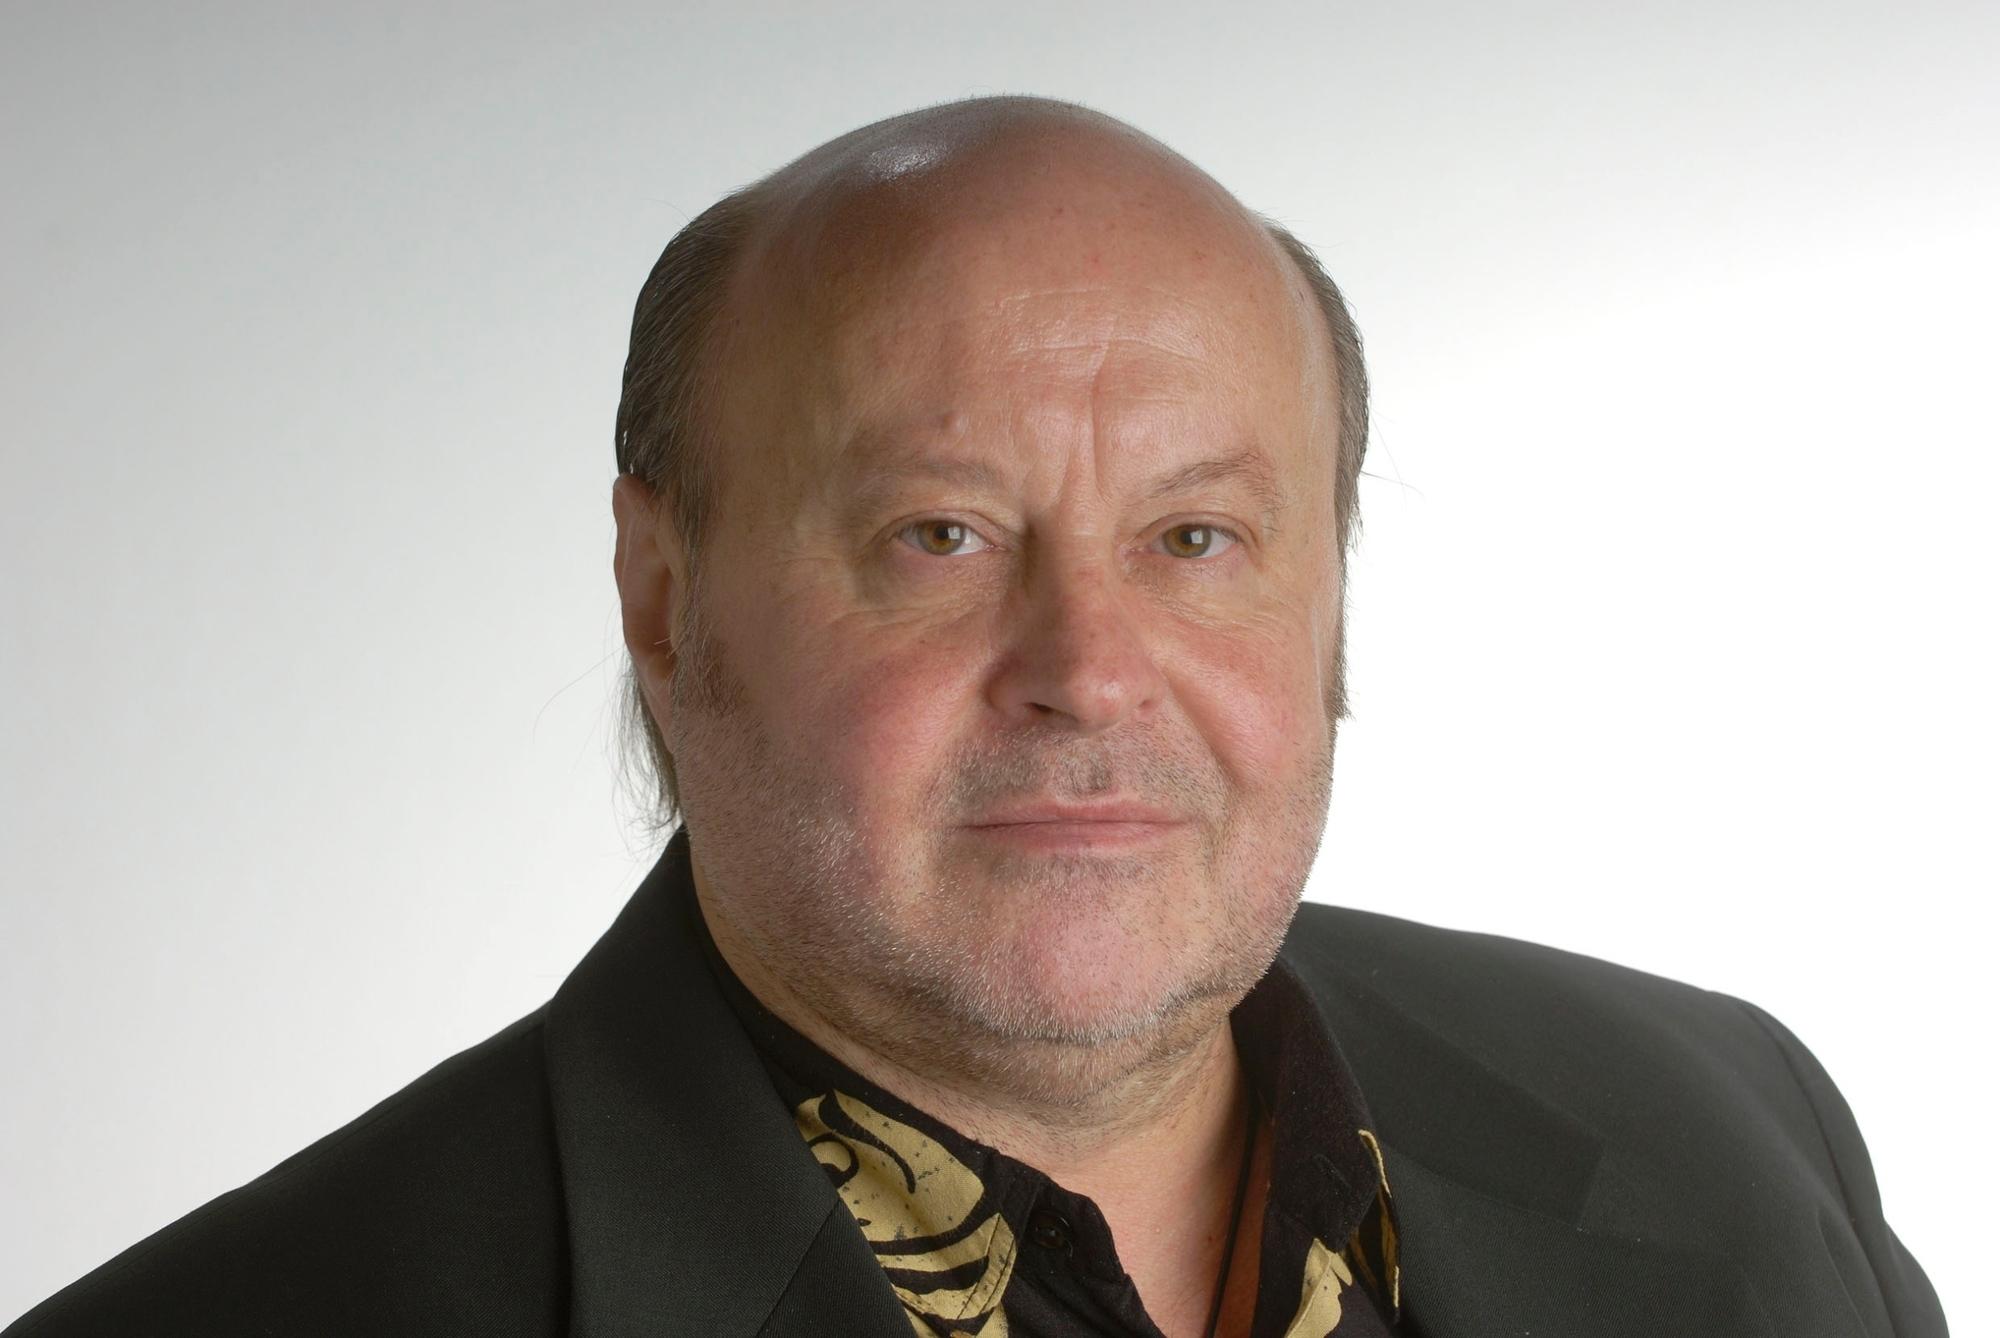 Ulrich Verthein